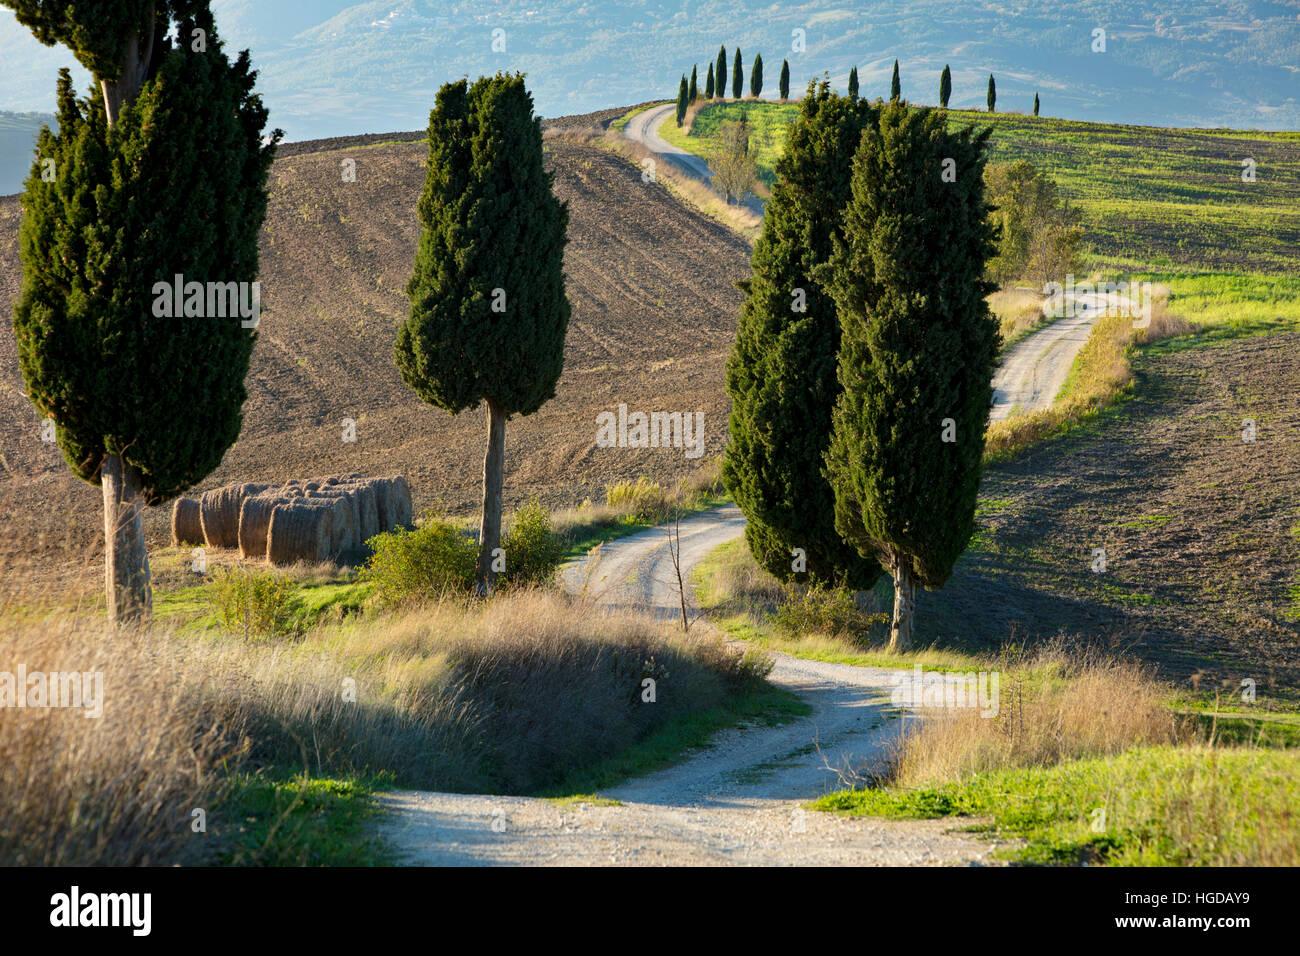 Fattoria di avvolgimento la via che conduce alla villa contea vicino a Pienza, Toscana, Italia Immagini Stock